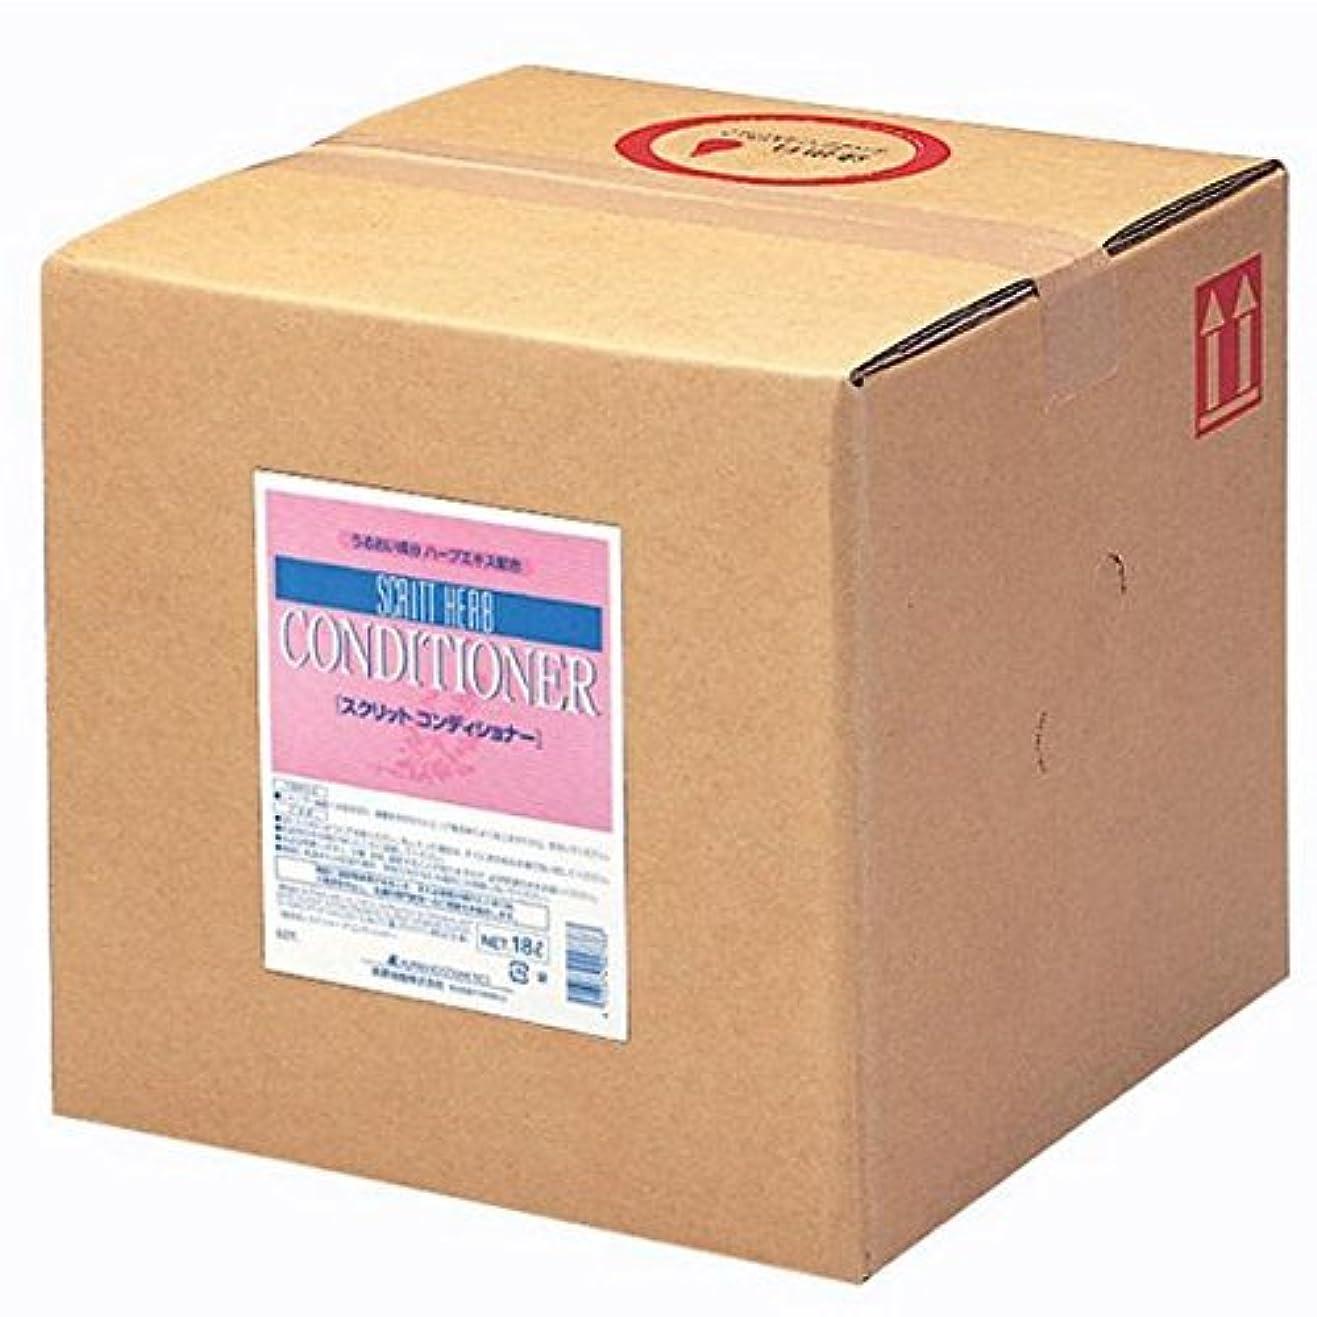 広告部門落胆させる熊野油脂 スクリット コンディショナー 詰替用 18L 4231